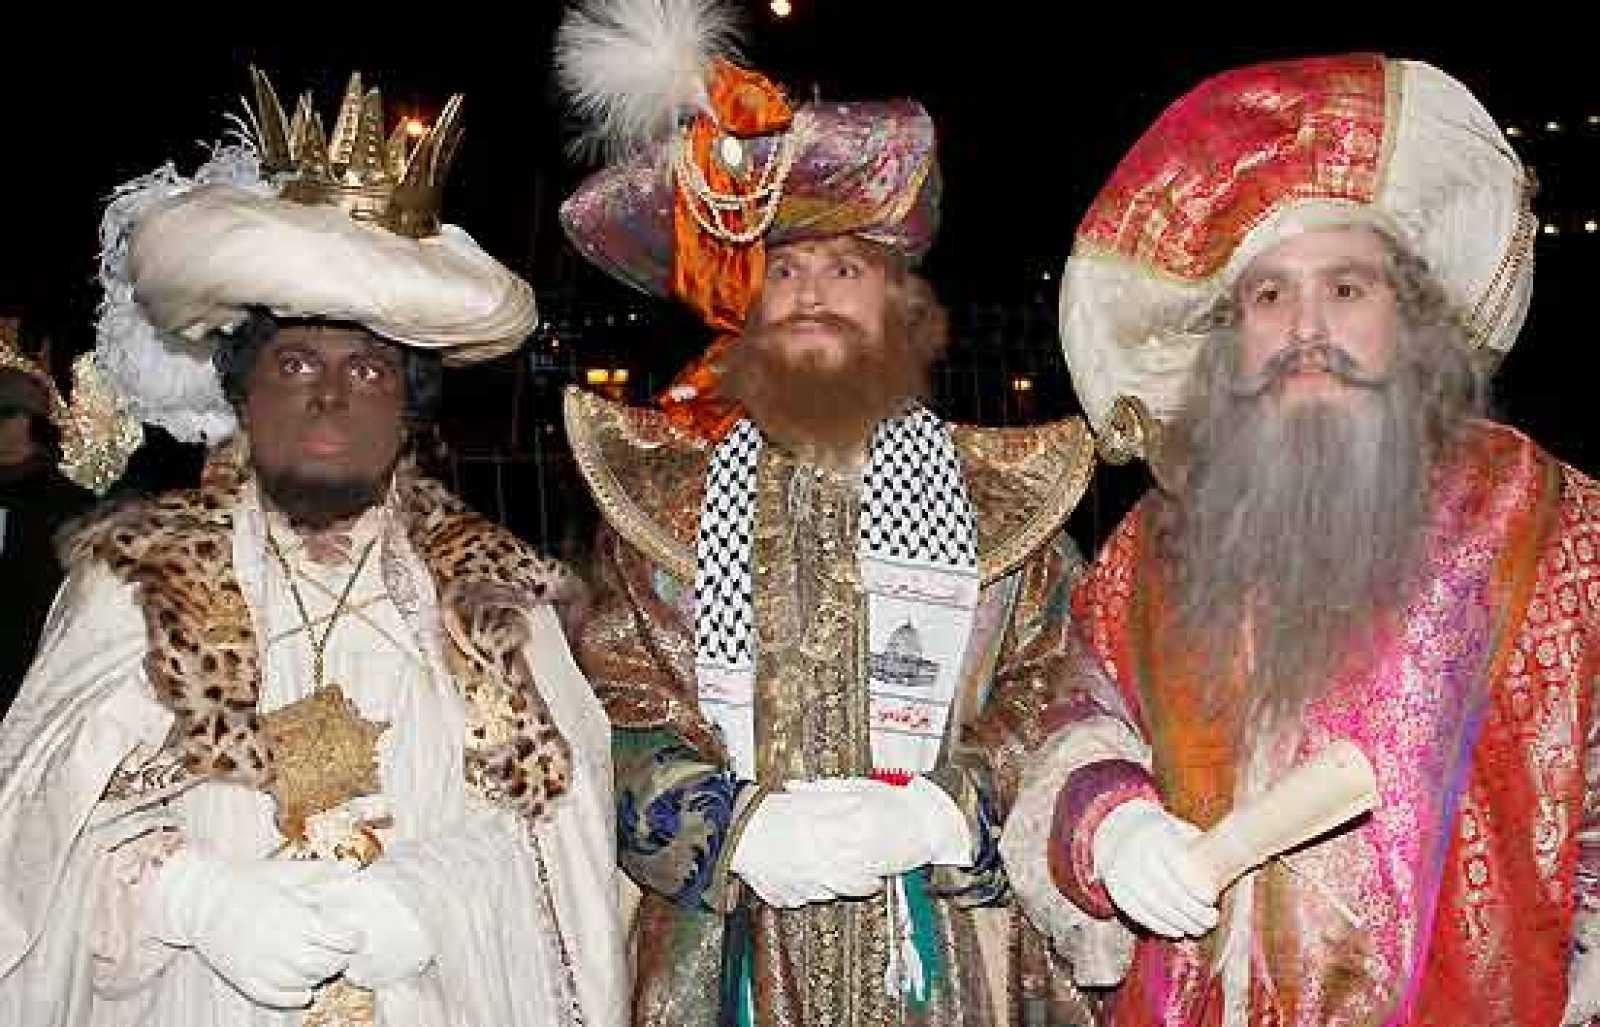 Ver Fotos De Los Reyes Magos De Oriente.Los Reyes Magos De Oriente Llegan Cargados De Regalos